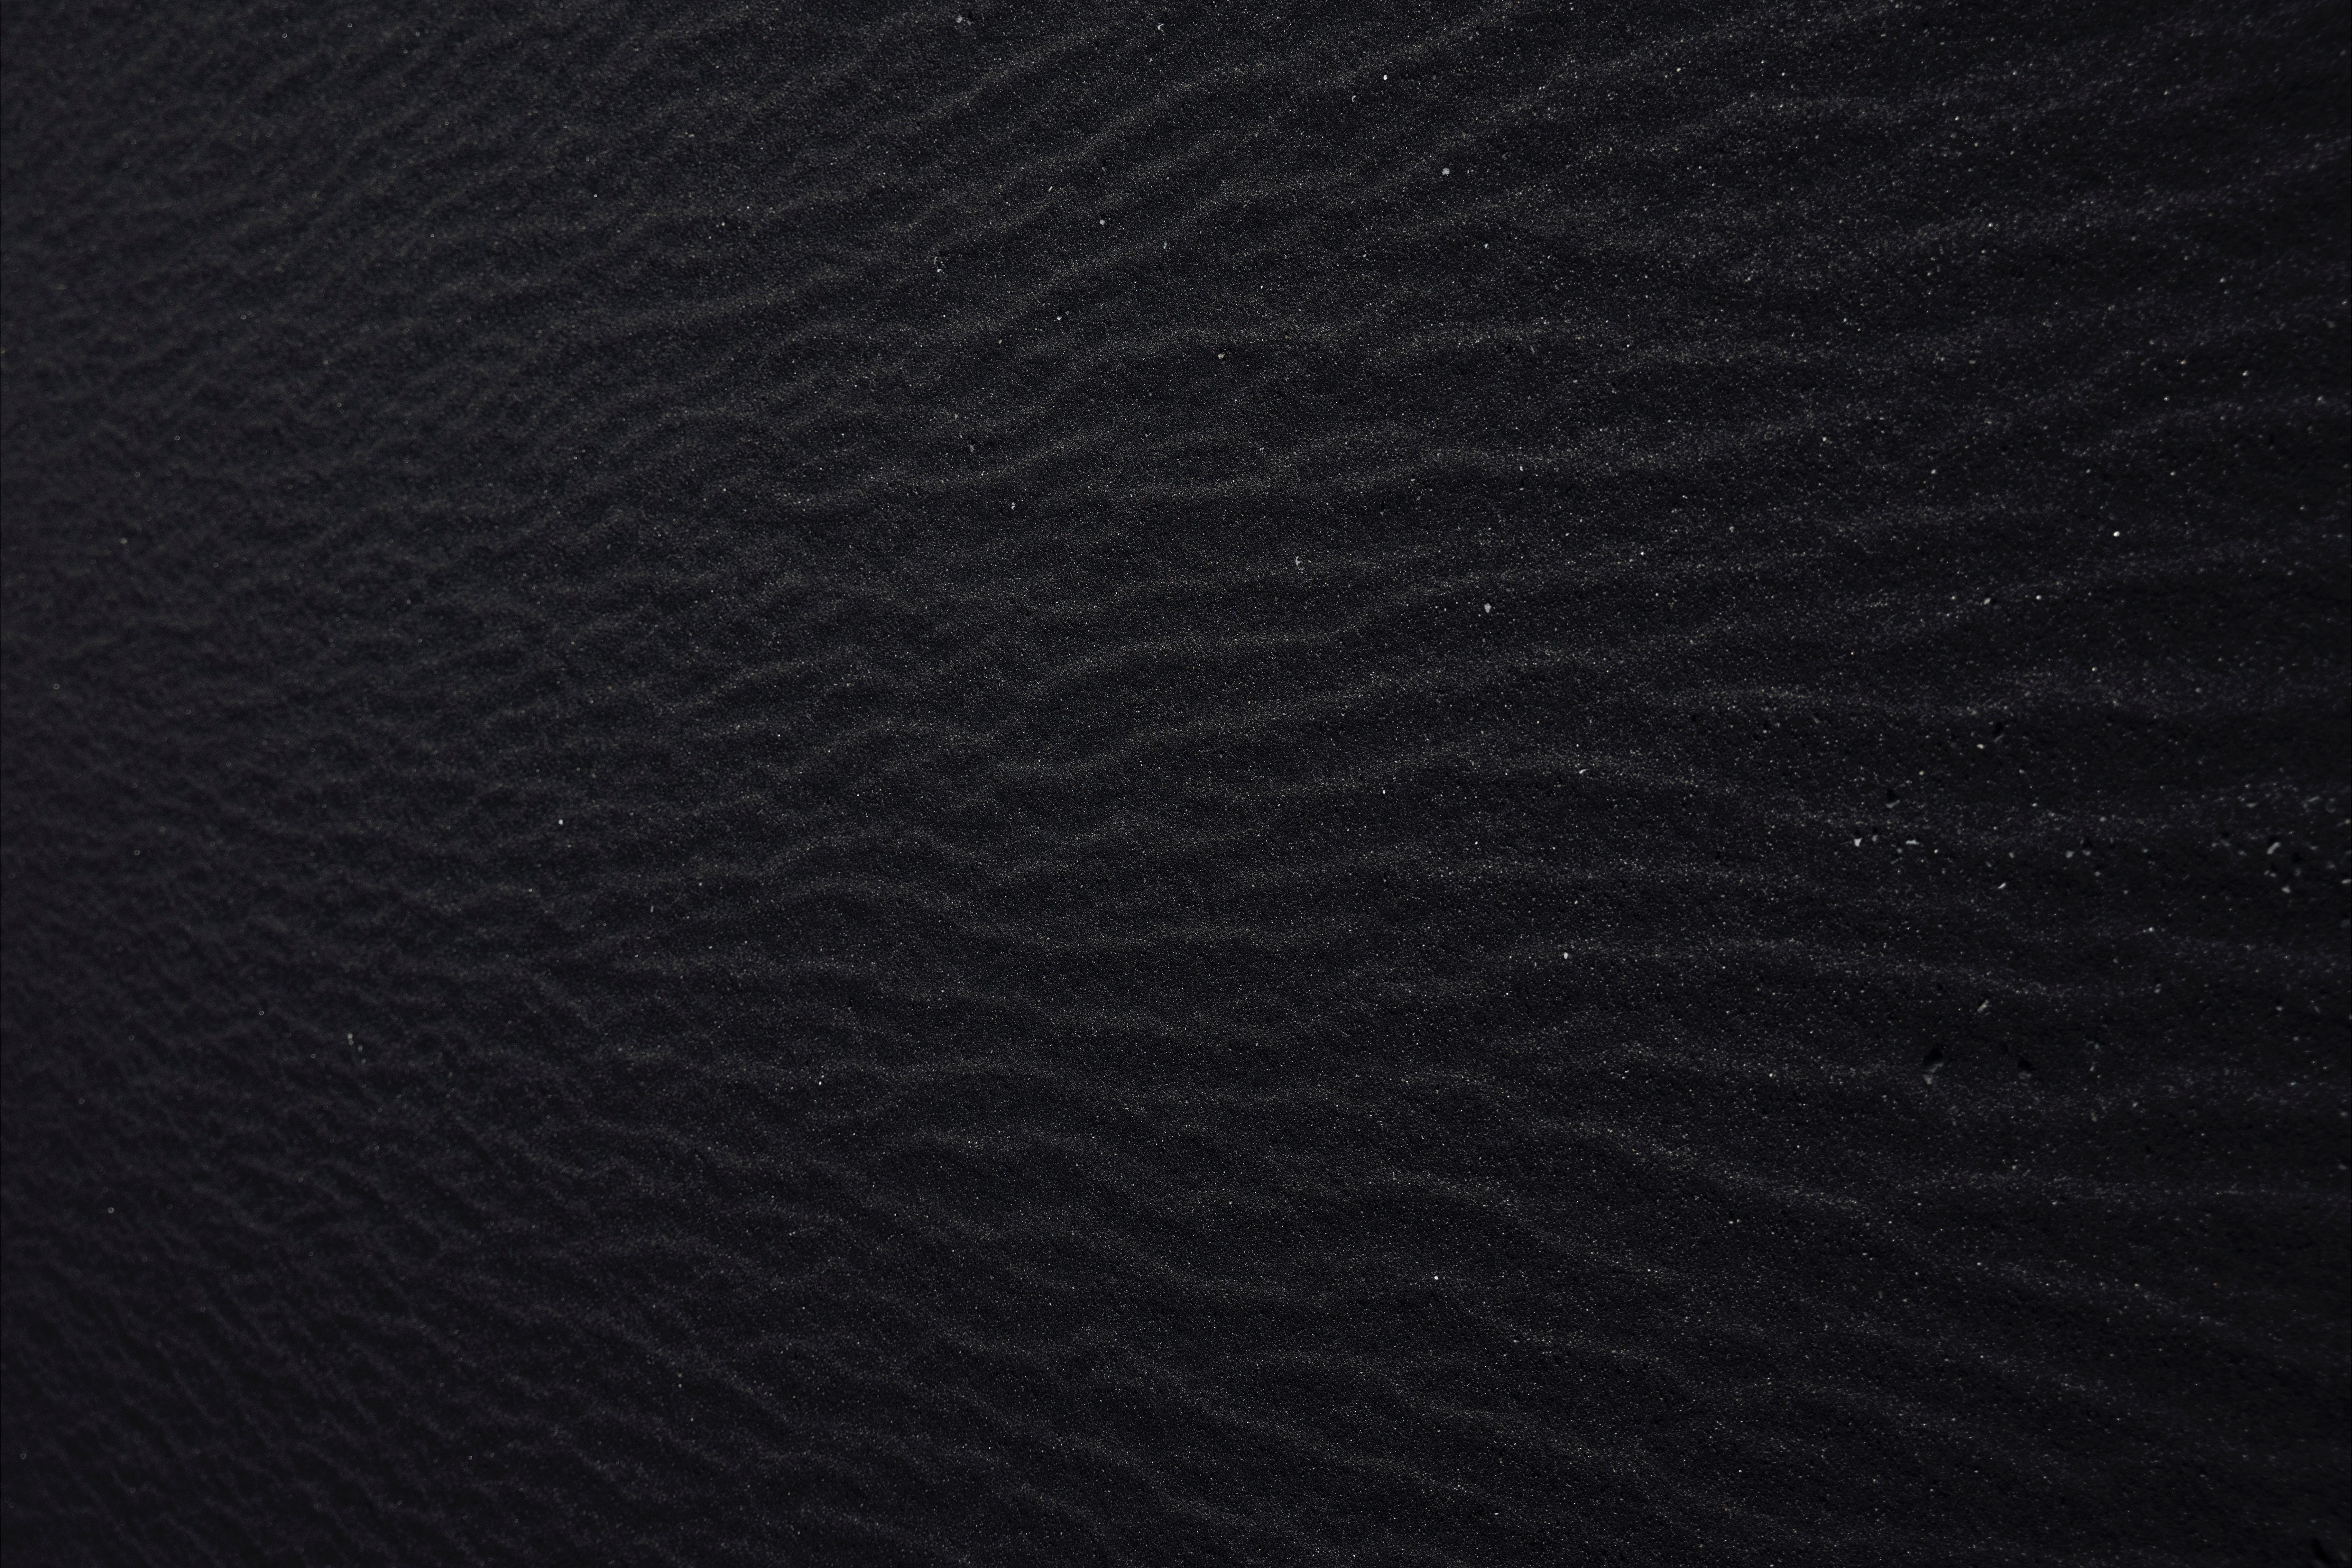 1242x2688 Dark Black Sand Texture 8k Iphone Xs Max Hd 4k